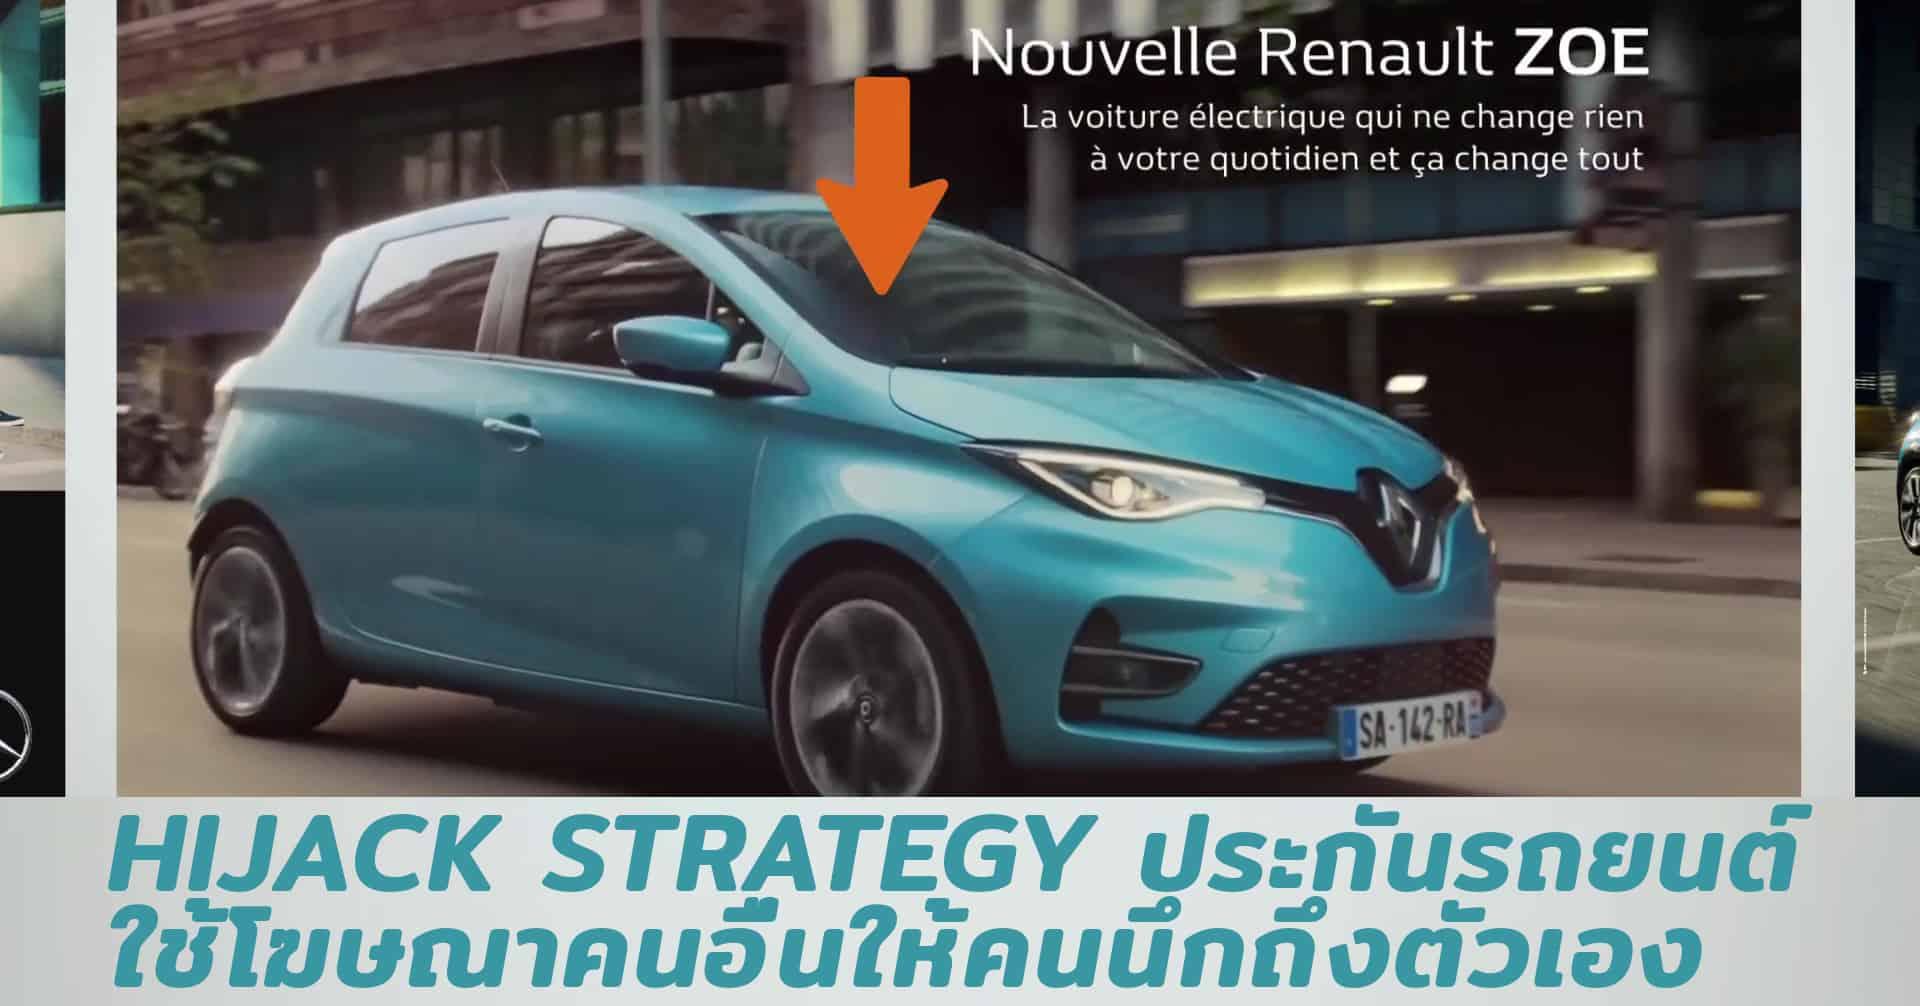 Hijack Marketing แบรนด์ประกันรถยนต์ใช้โฆษณารถยนต์อื่นให้คนนึกถึงตัวเอง